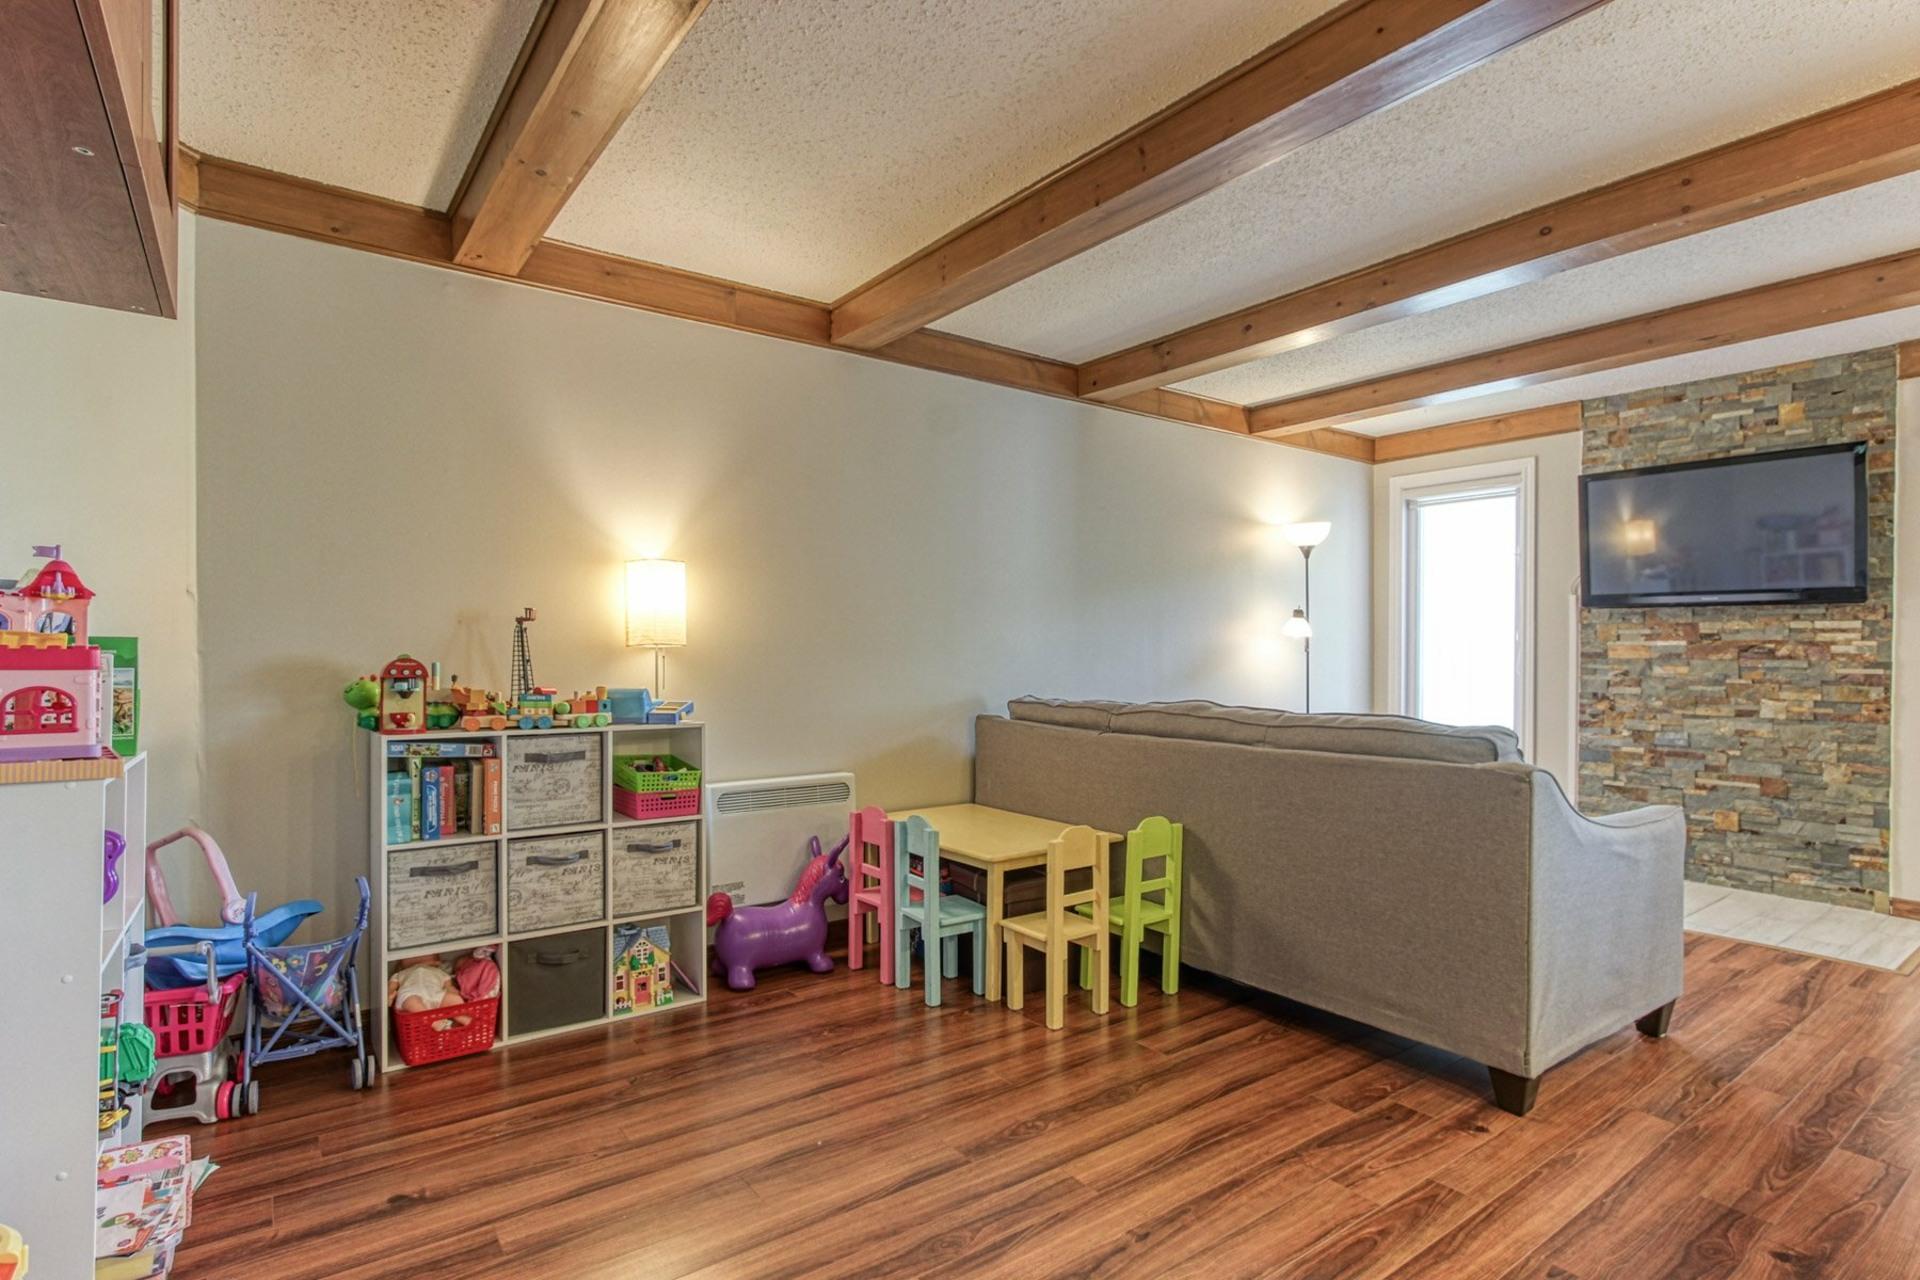 image 20 - Appartement À vendre Trois-Rivières - 8 pièces